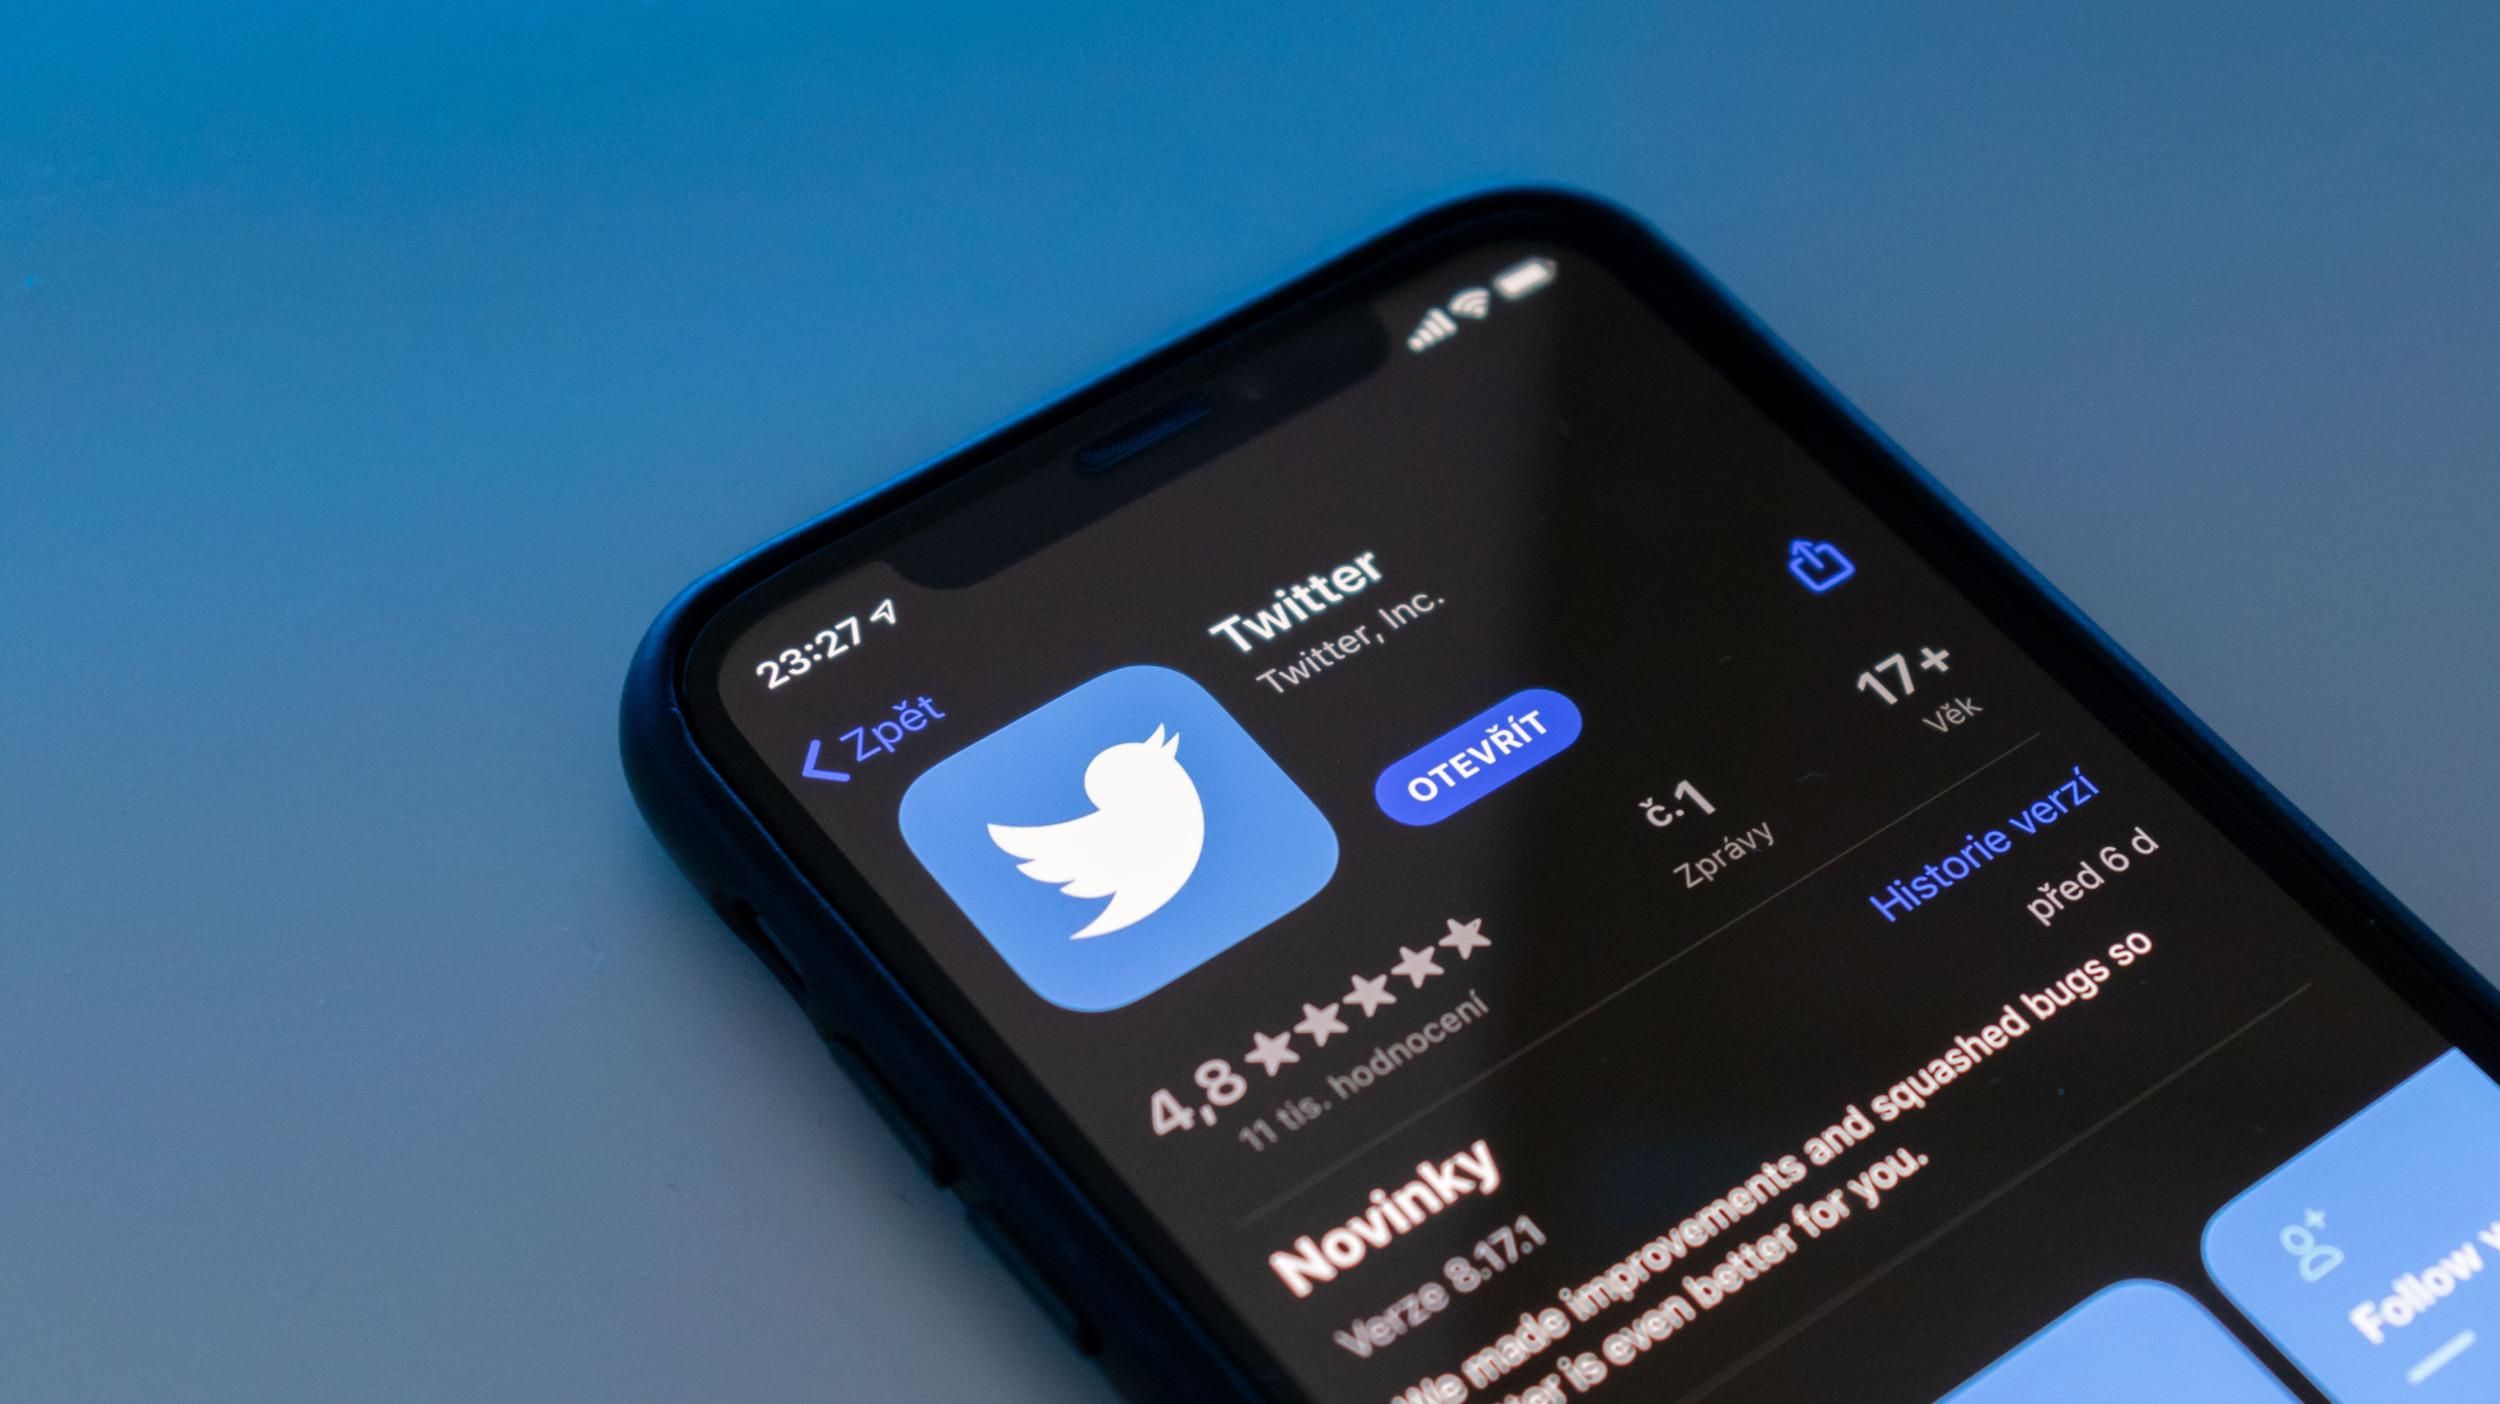 Twitter odstranil sdílení tweetů skrze SMS